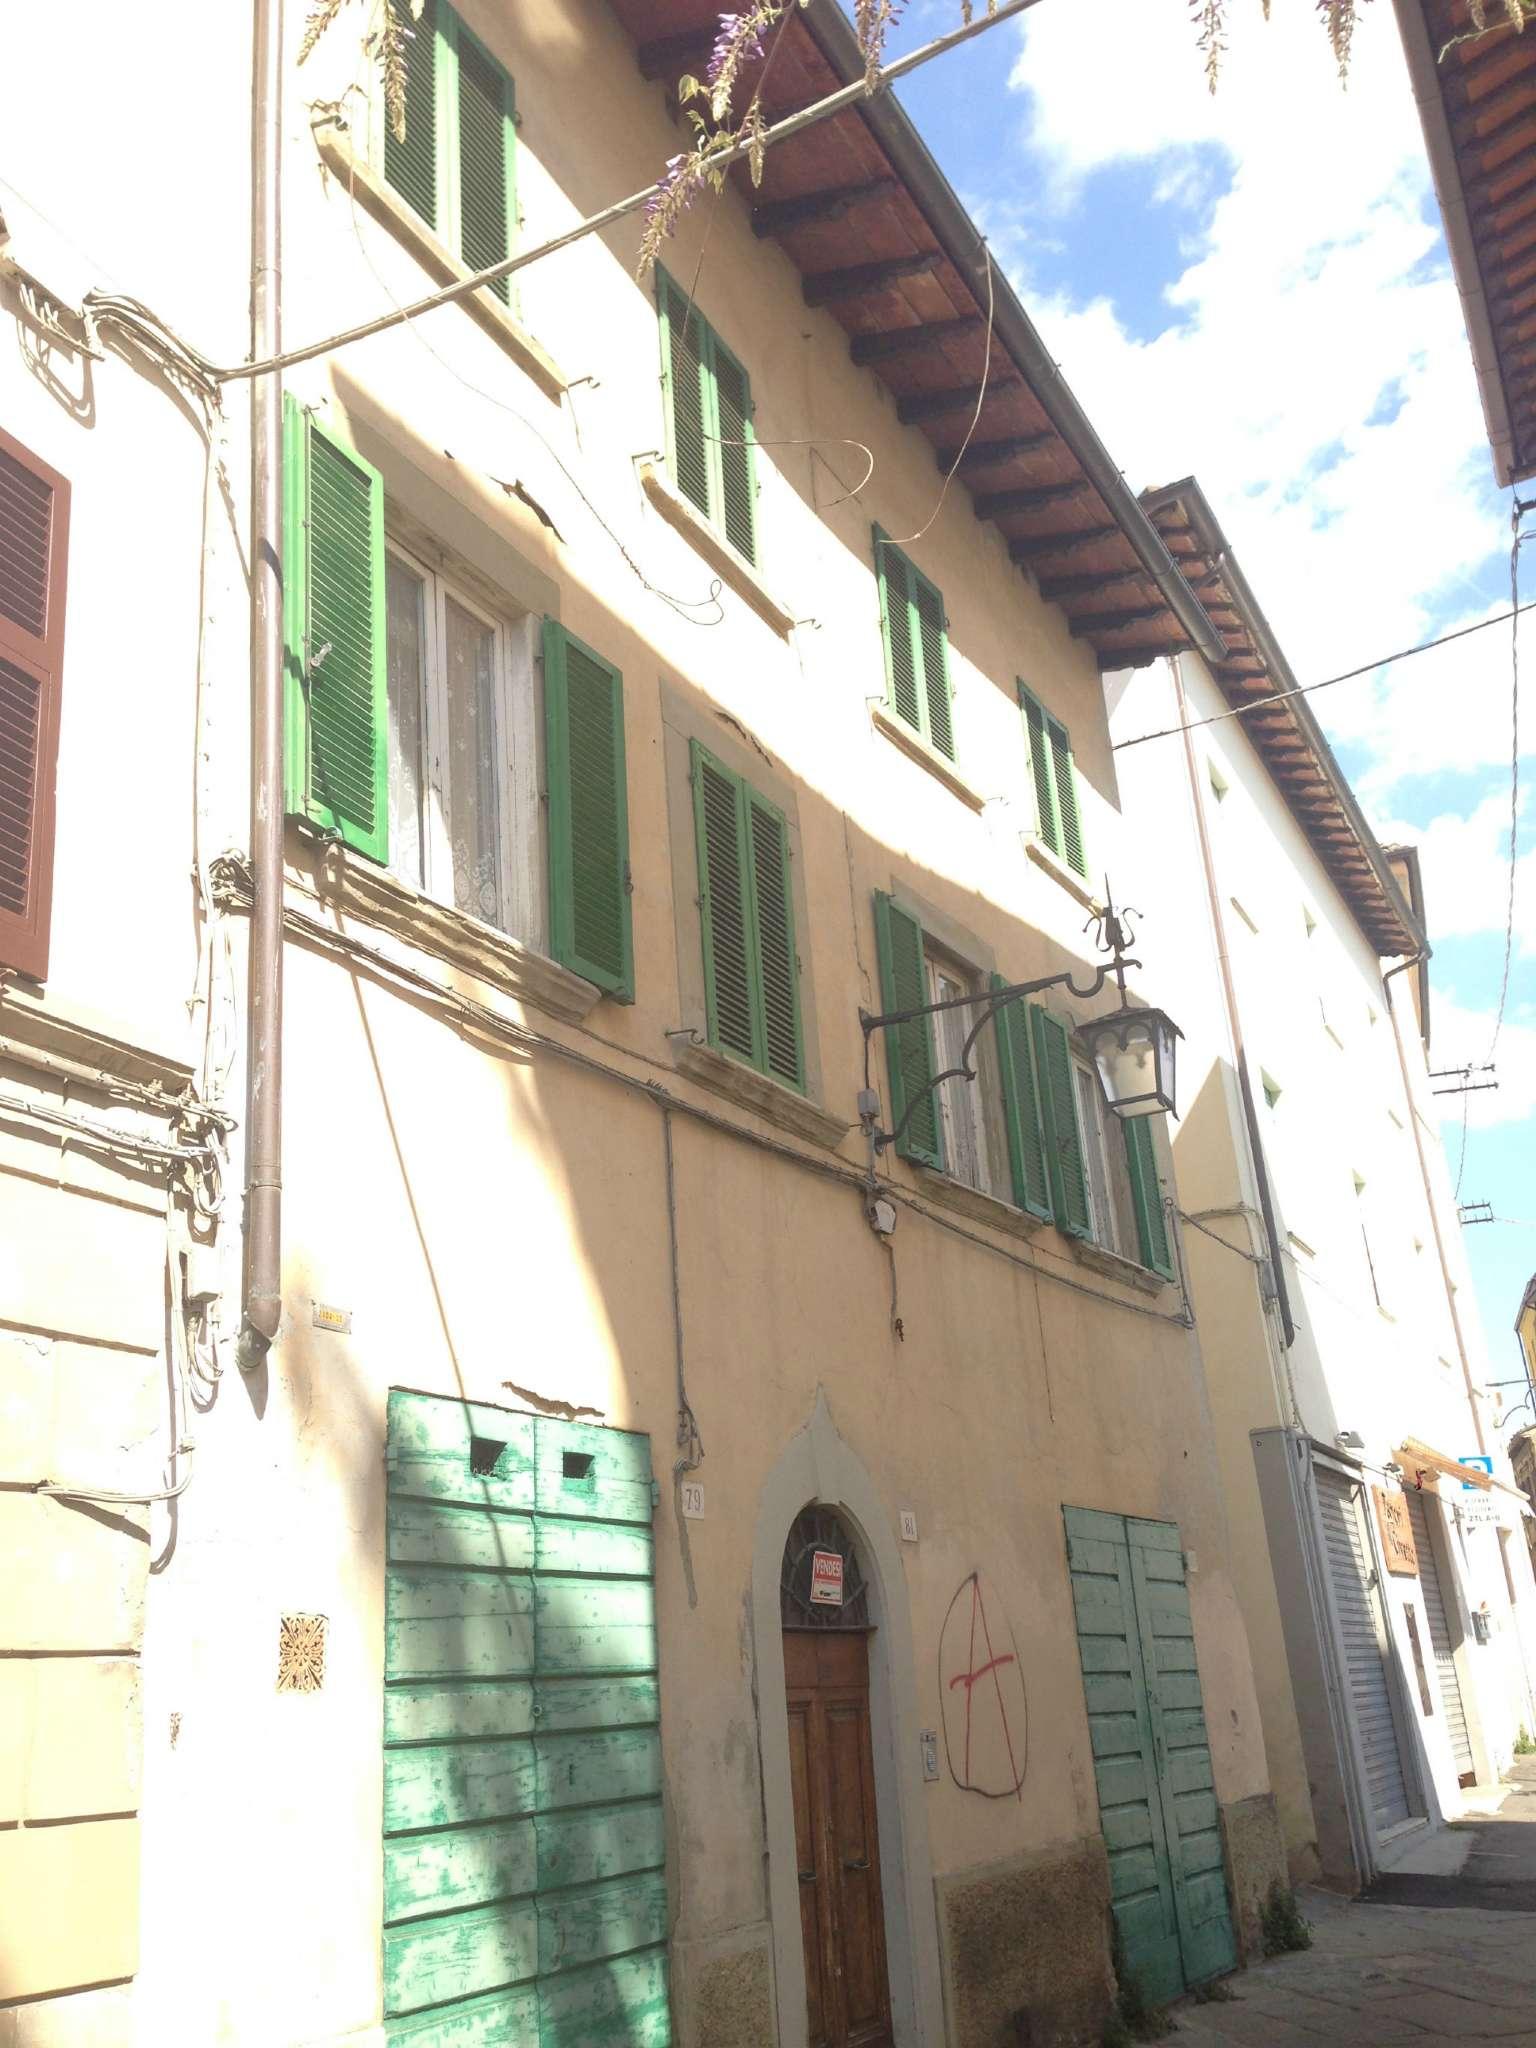 Laboratorio in vendita a Arezzo, 1 locali, prezzo € 20.000   CambioCasa.it